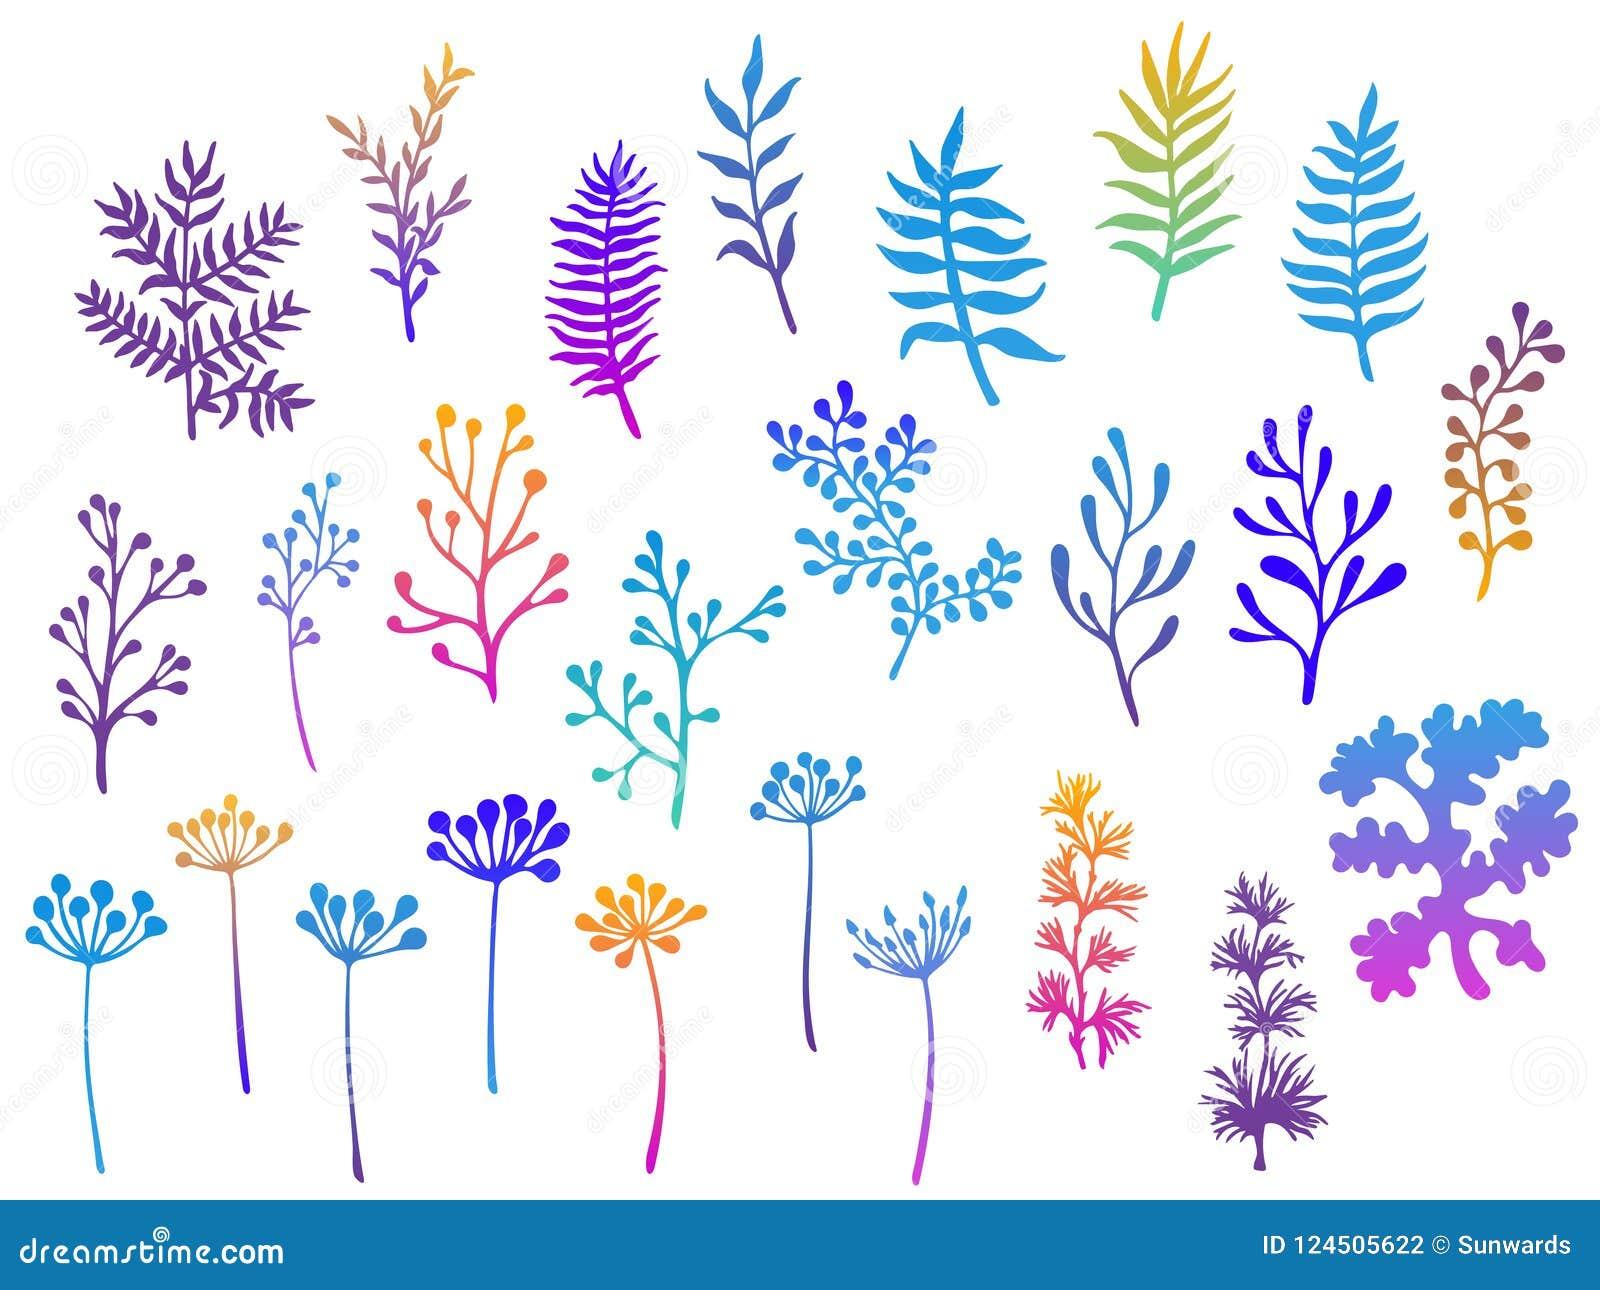 Ramos do salgueiro e de palmeira, galhos da samambaia, musgo do líquene, visco, ervas saborosos da grama, ilustrações do vetor da